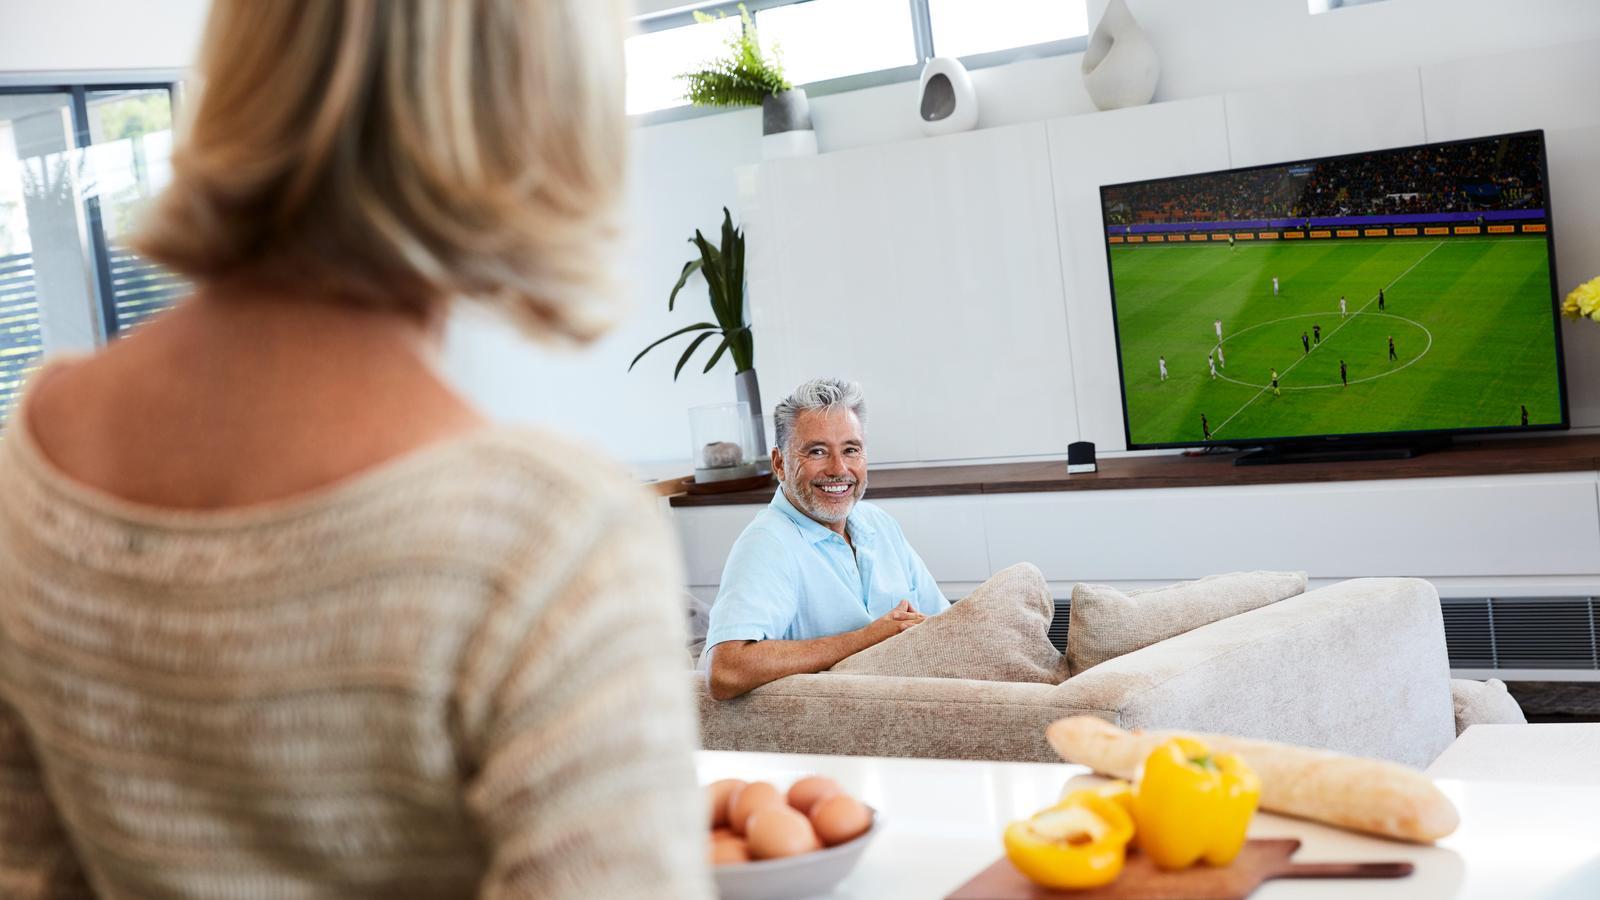 Uomo adulto che guarda una partita di calcio alla TV con Cochlear Wireless TV Streamer